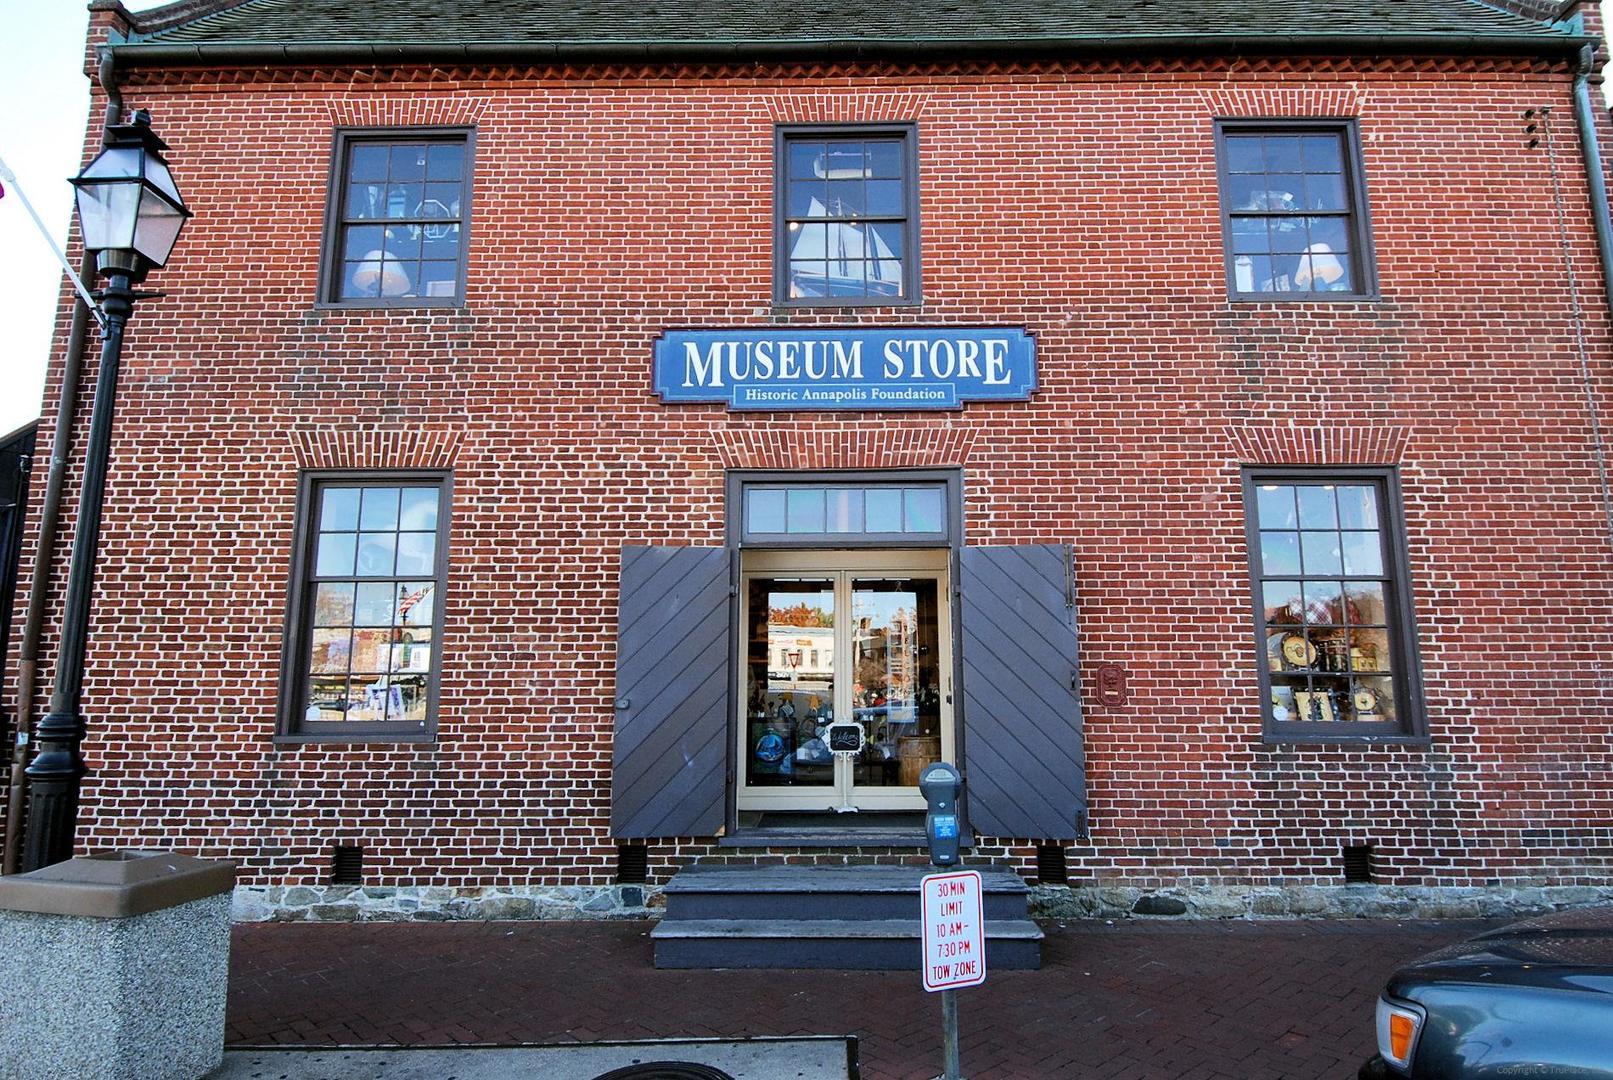 Historic Annapolis Museum Store